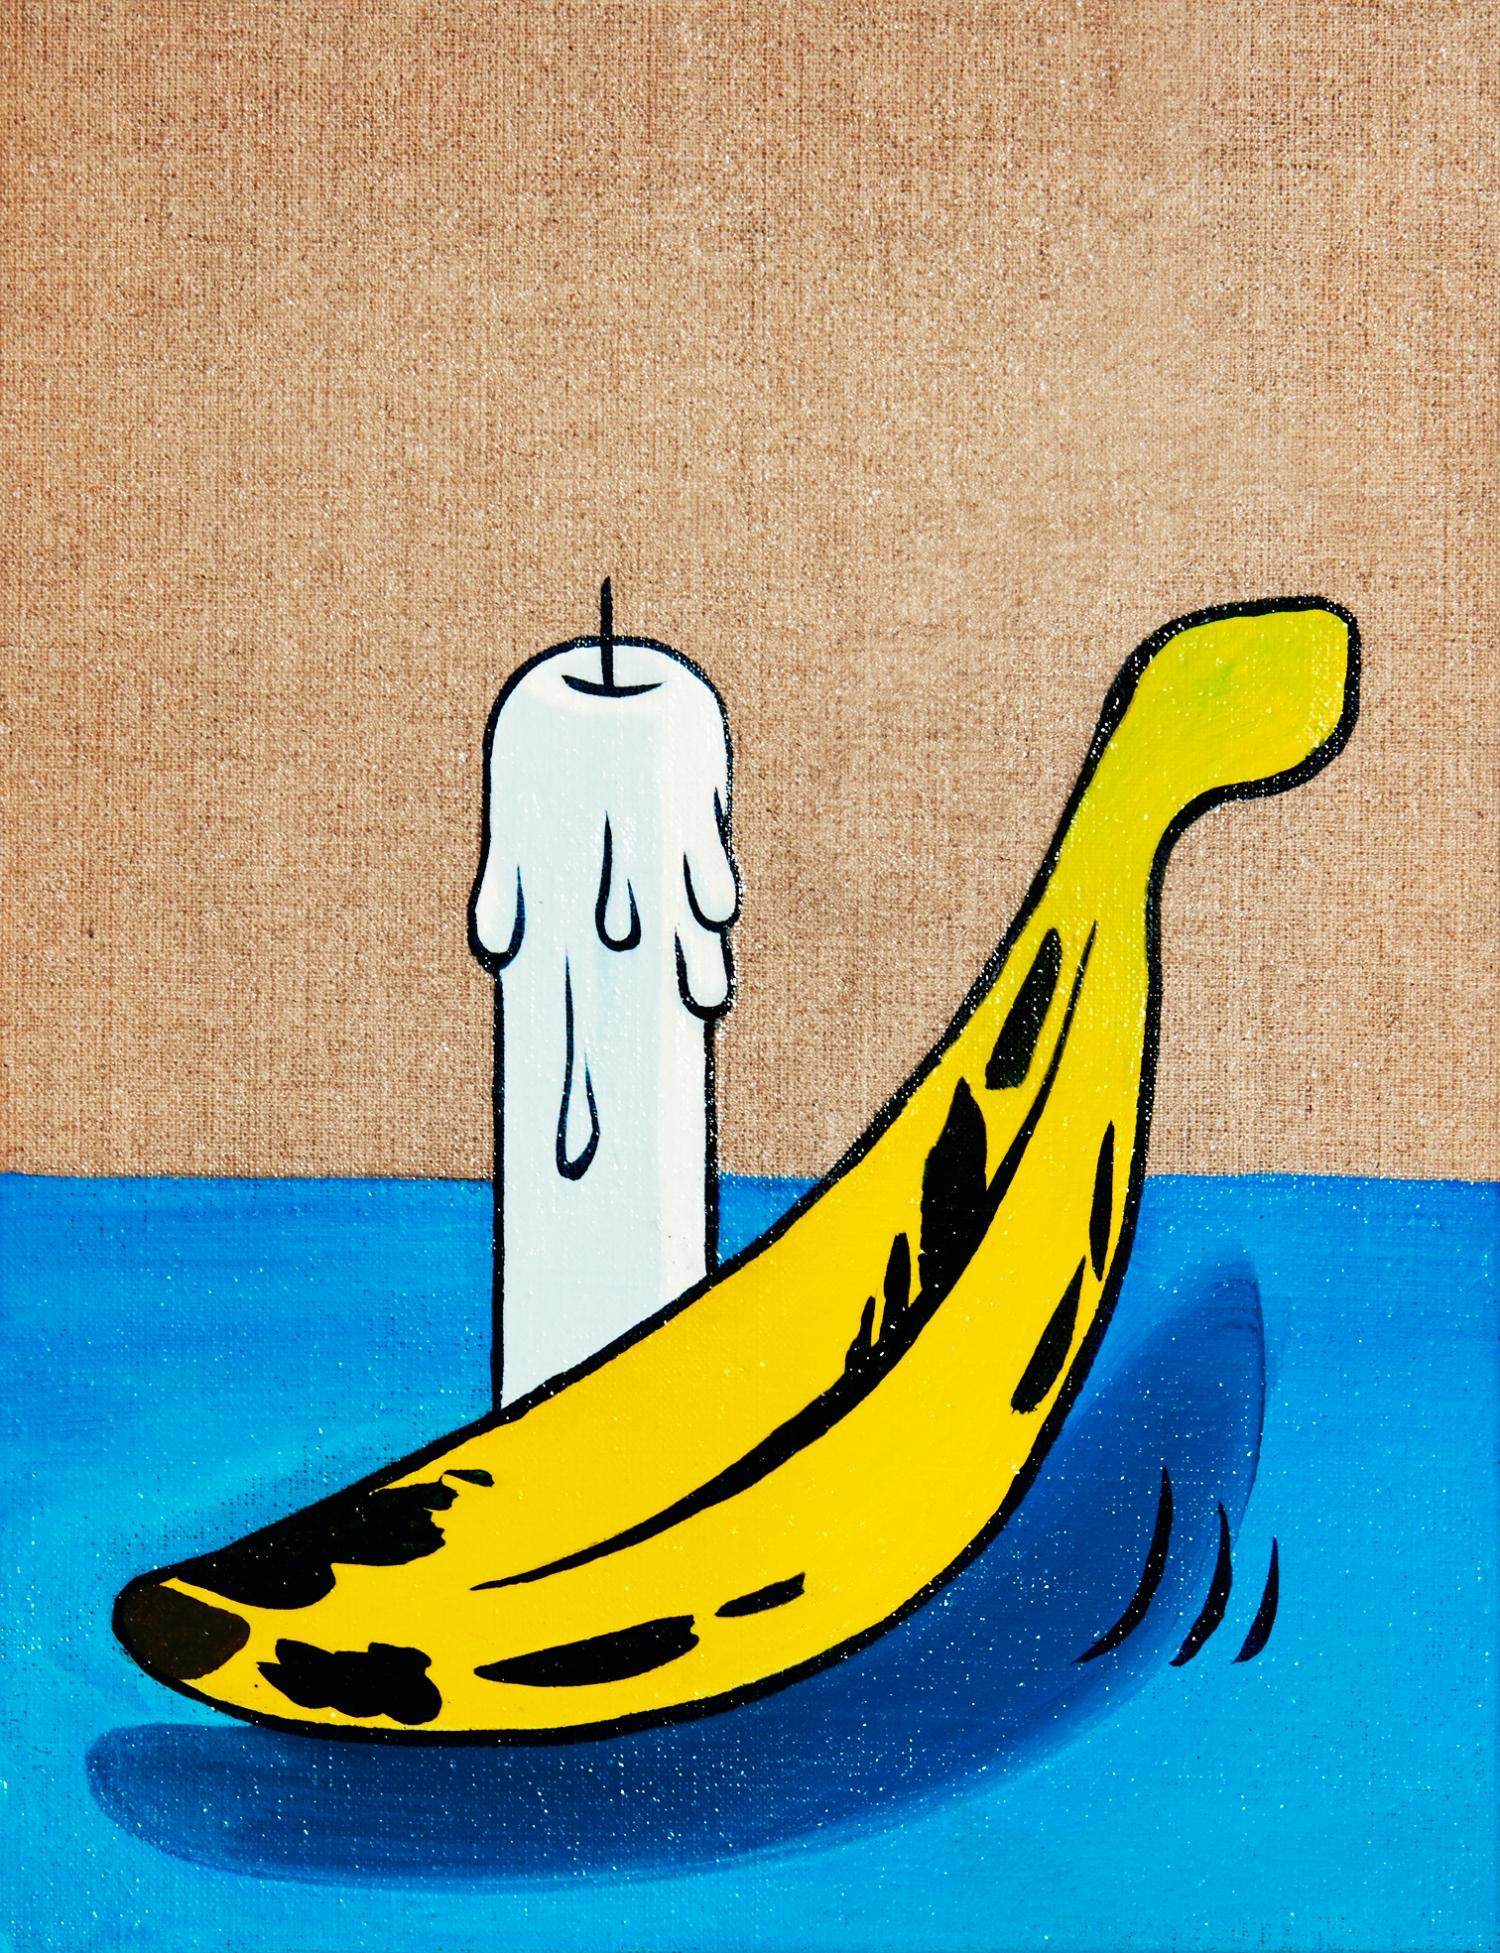 A banana & a candle